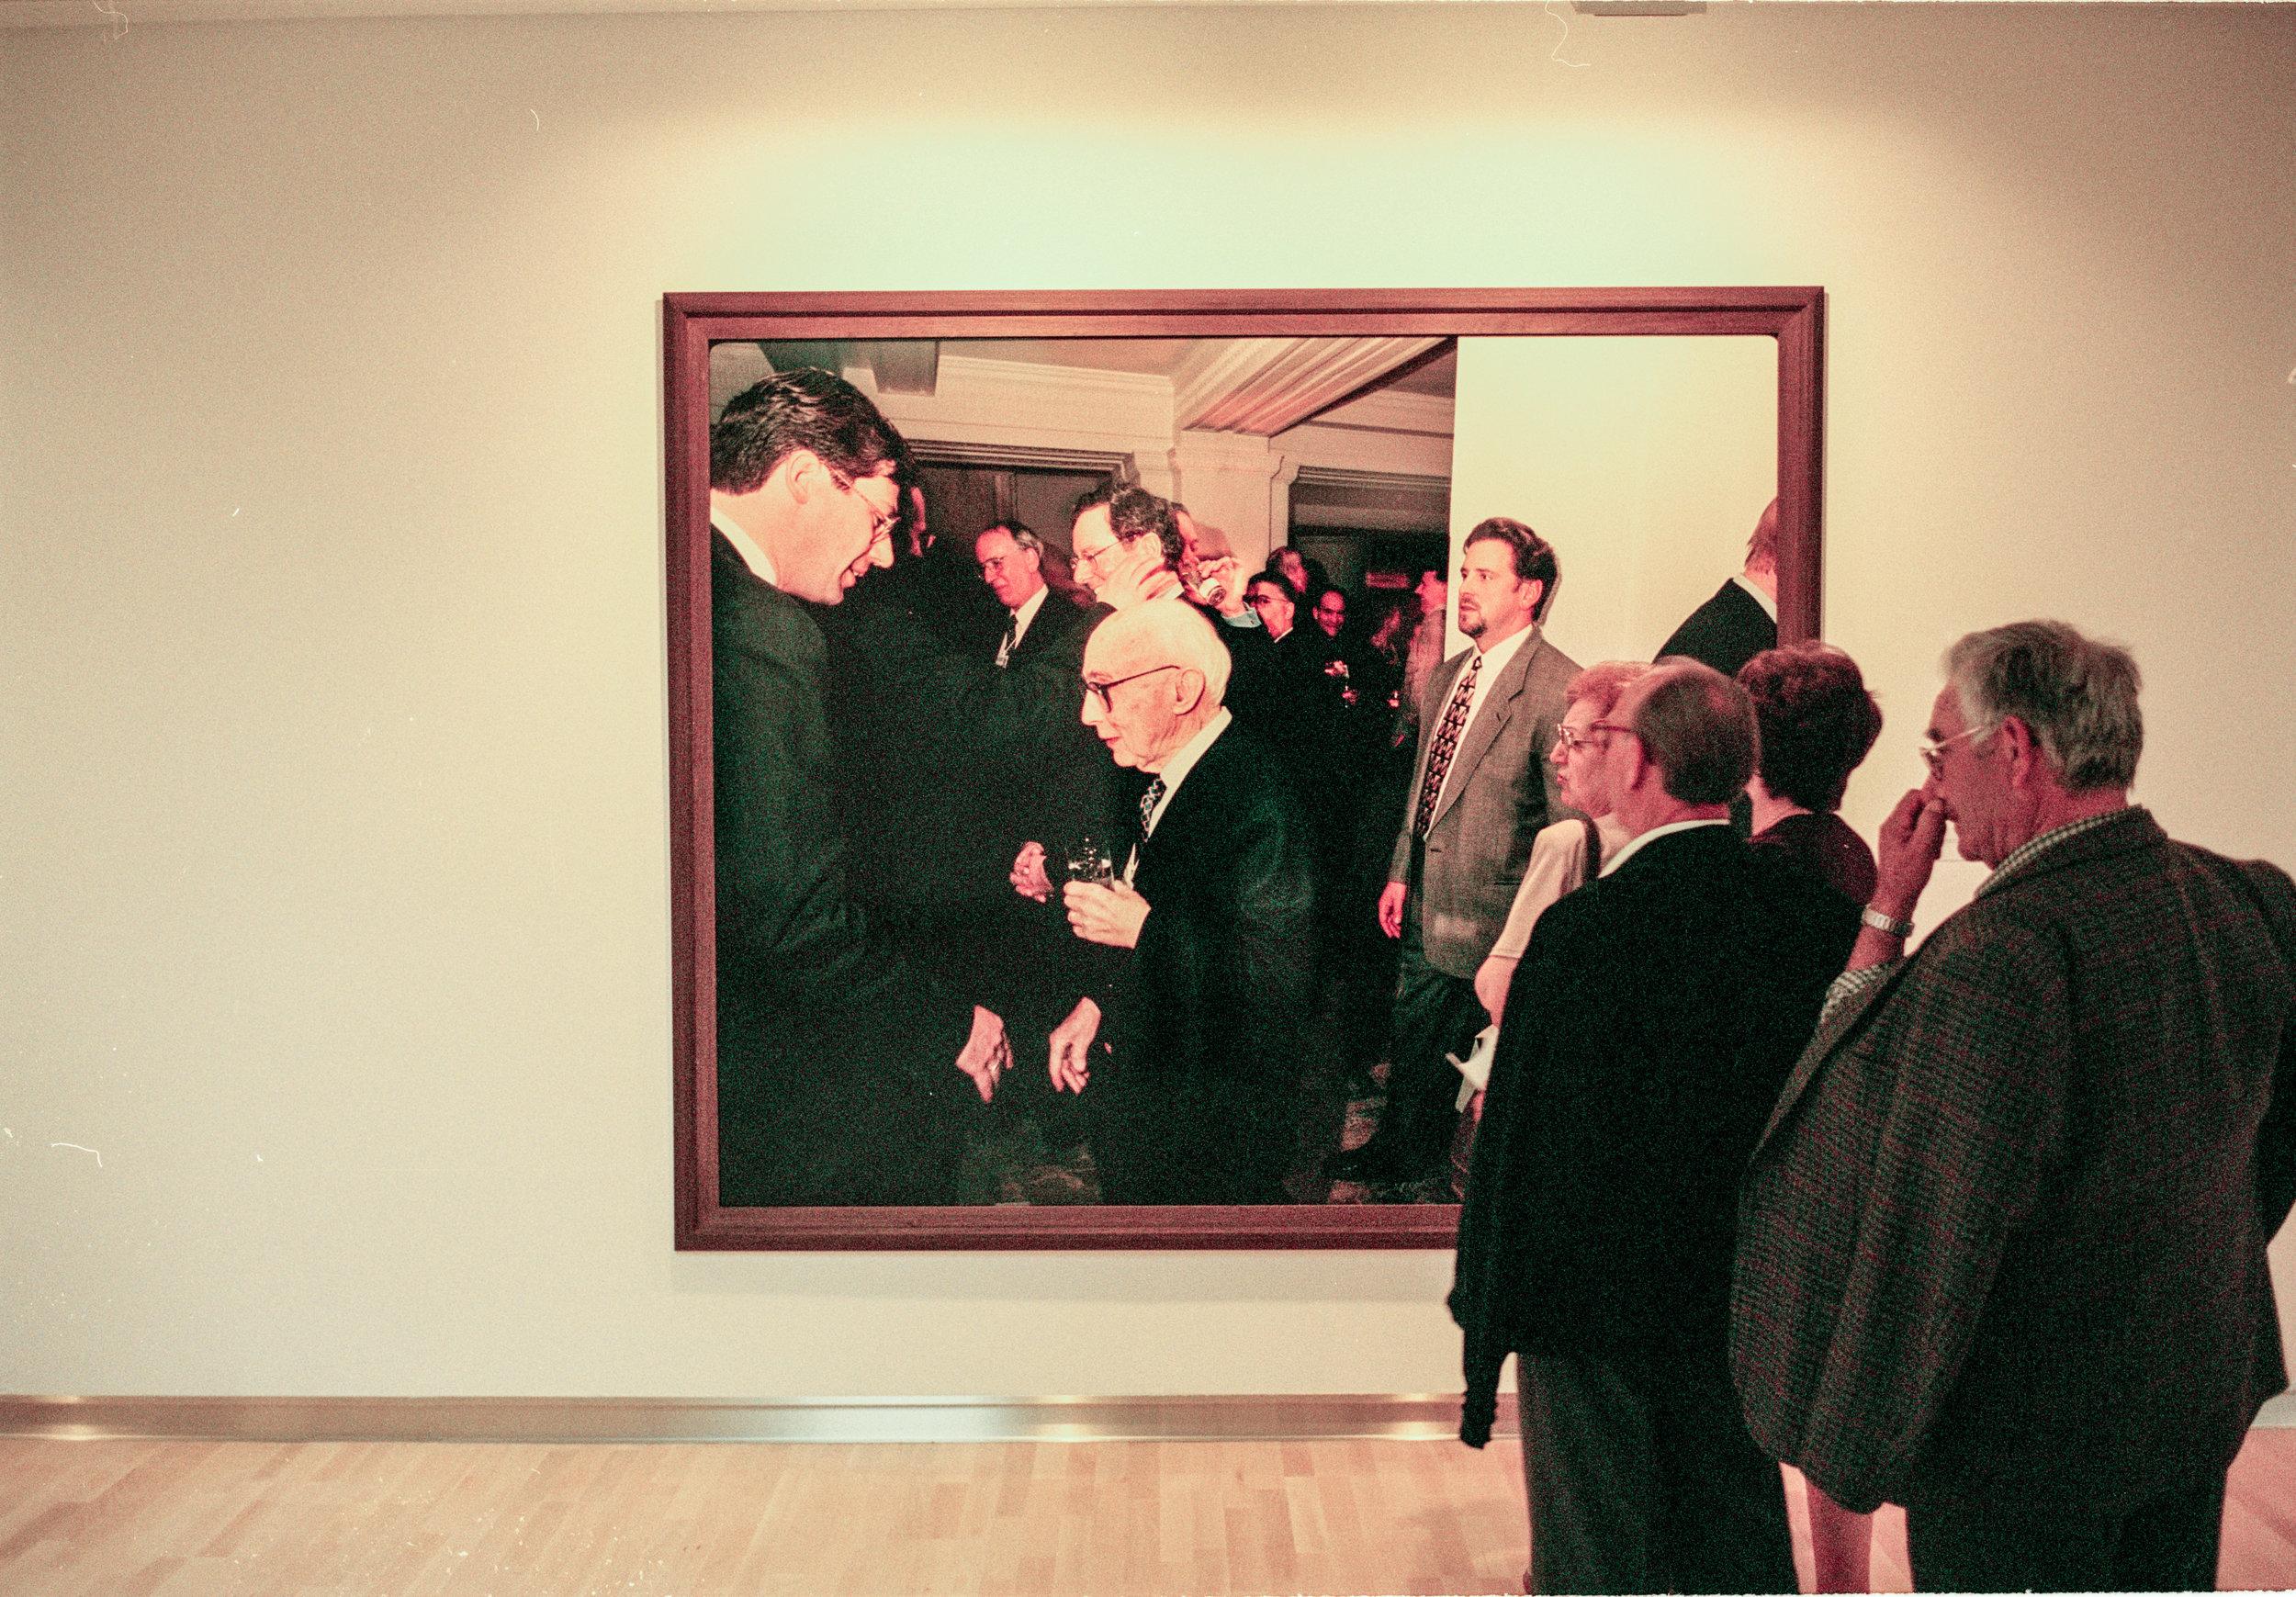 4-07-18-neg-kleur-expo-Salamanca-2002-Tableaux-D-Histoire-3 001.jpg